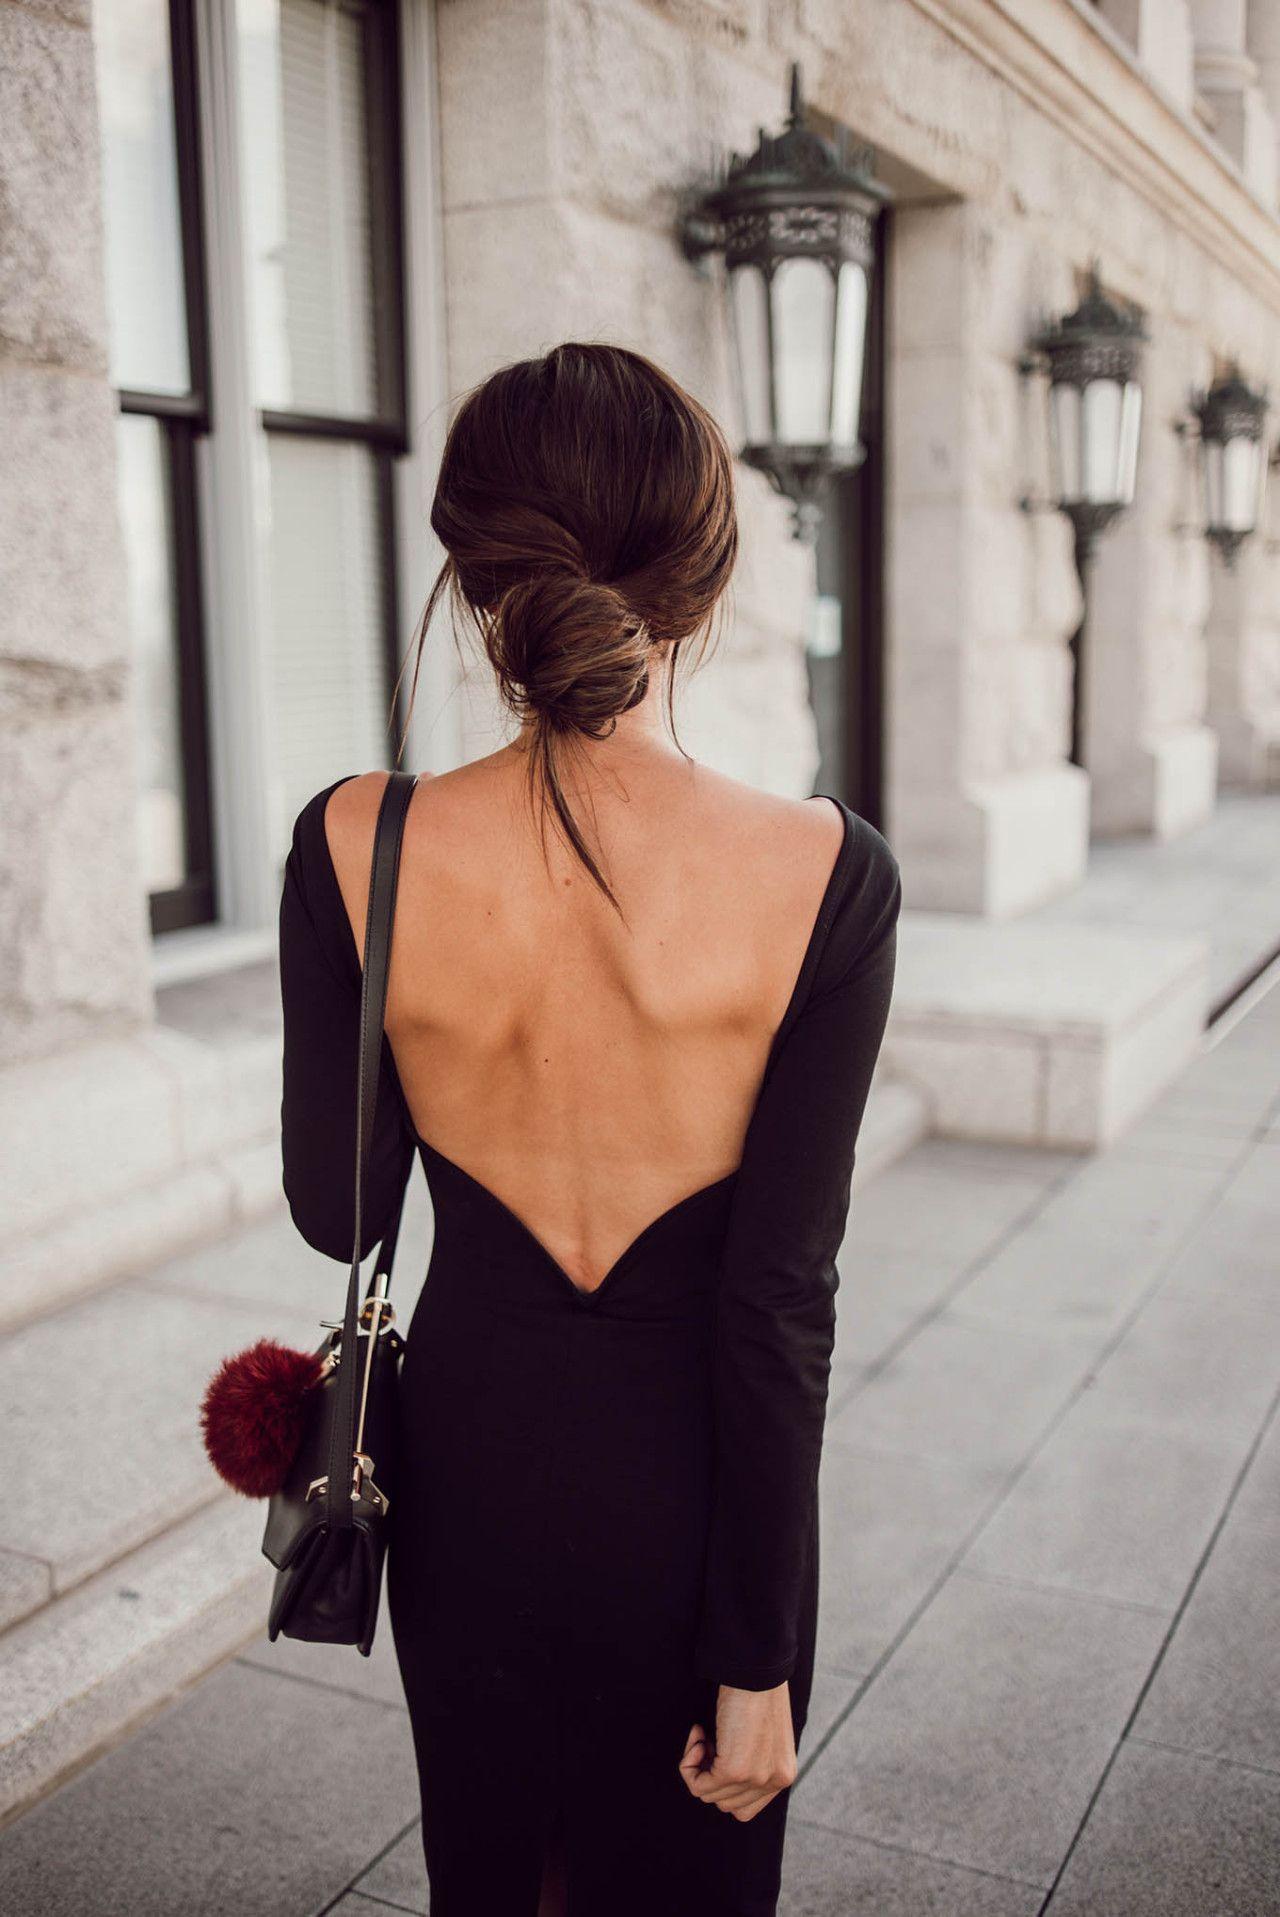 Lulusdotcom uchellofashionblog ud style pinterest clothes and